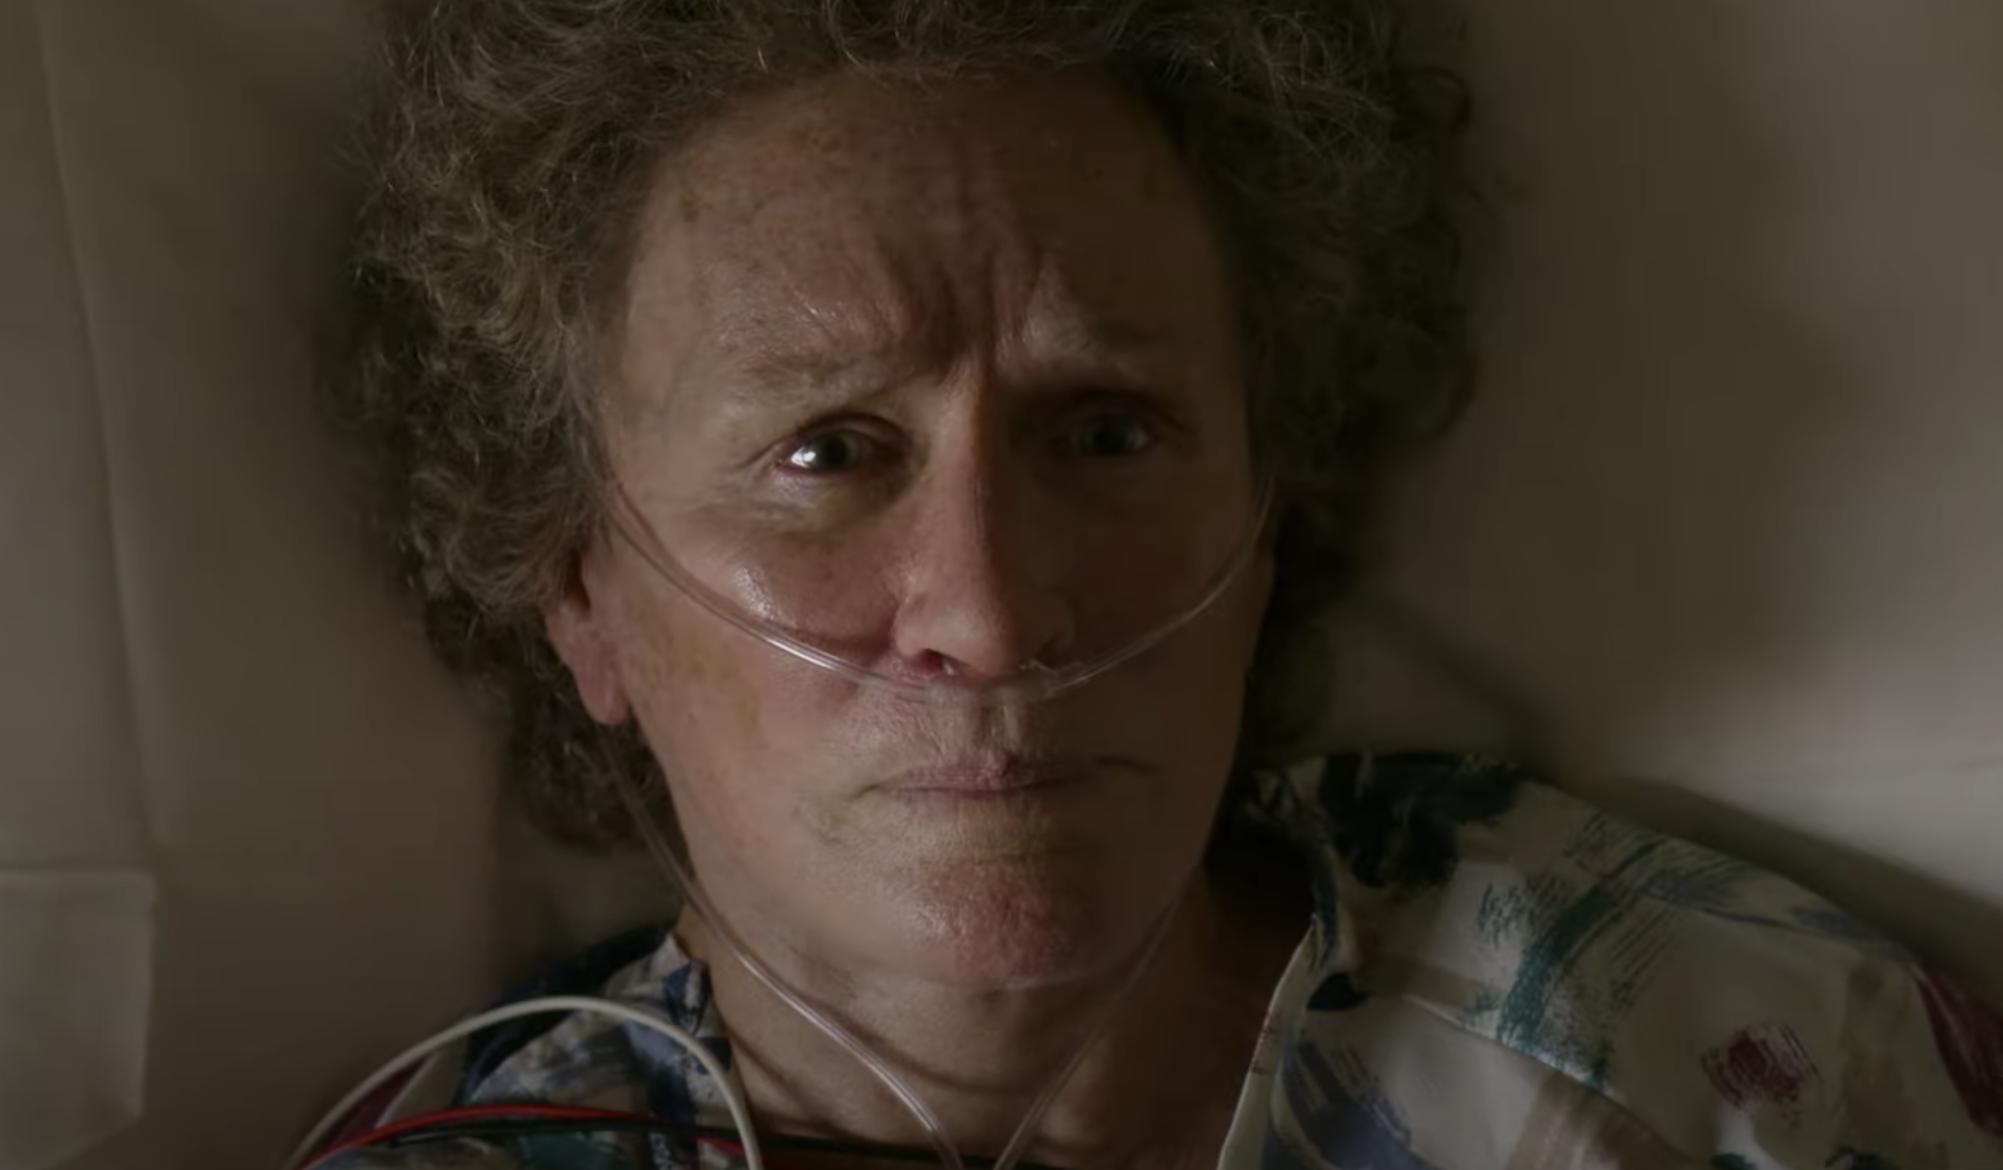 Cena do filme Era uma vez um sonho. Nela vemos um close no rosto de Glenn Close. A atriz, uma mulher branca e idosa, está deitada numa cama com tubos de oxigênio conectados ao nariz. Seus olhos são claros e seu cabelo é castanho. Ela tem nos olhos uma expressão de fraqueza.